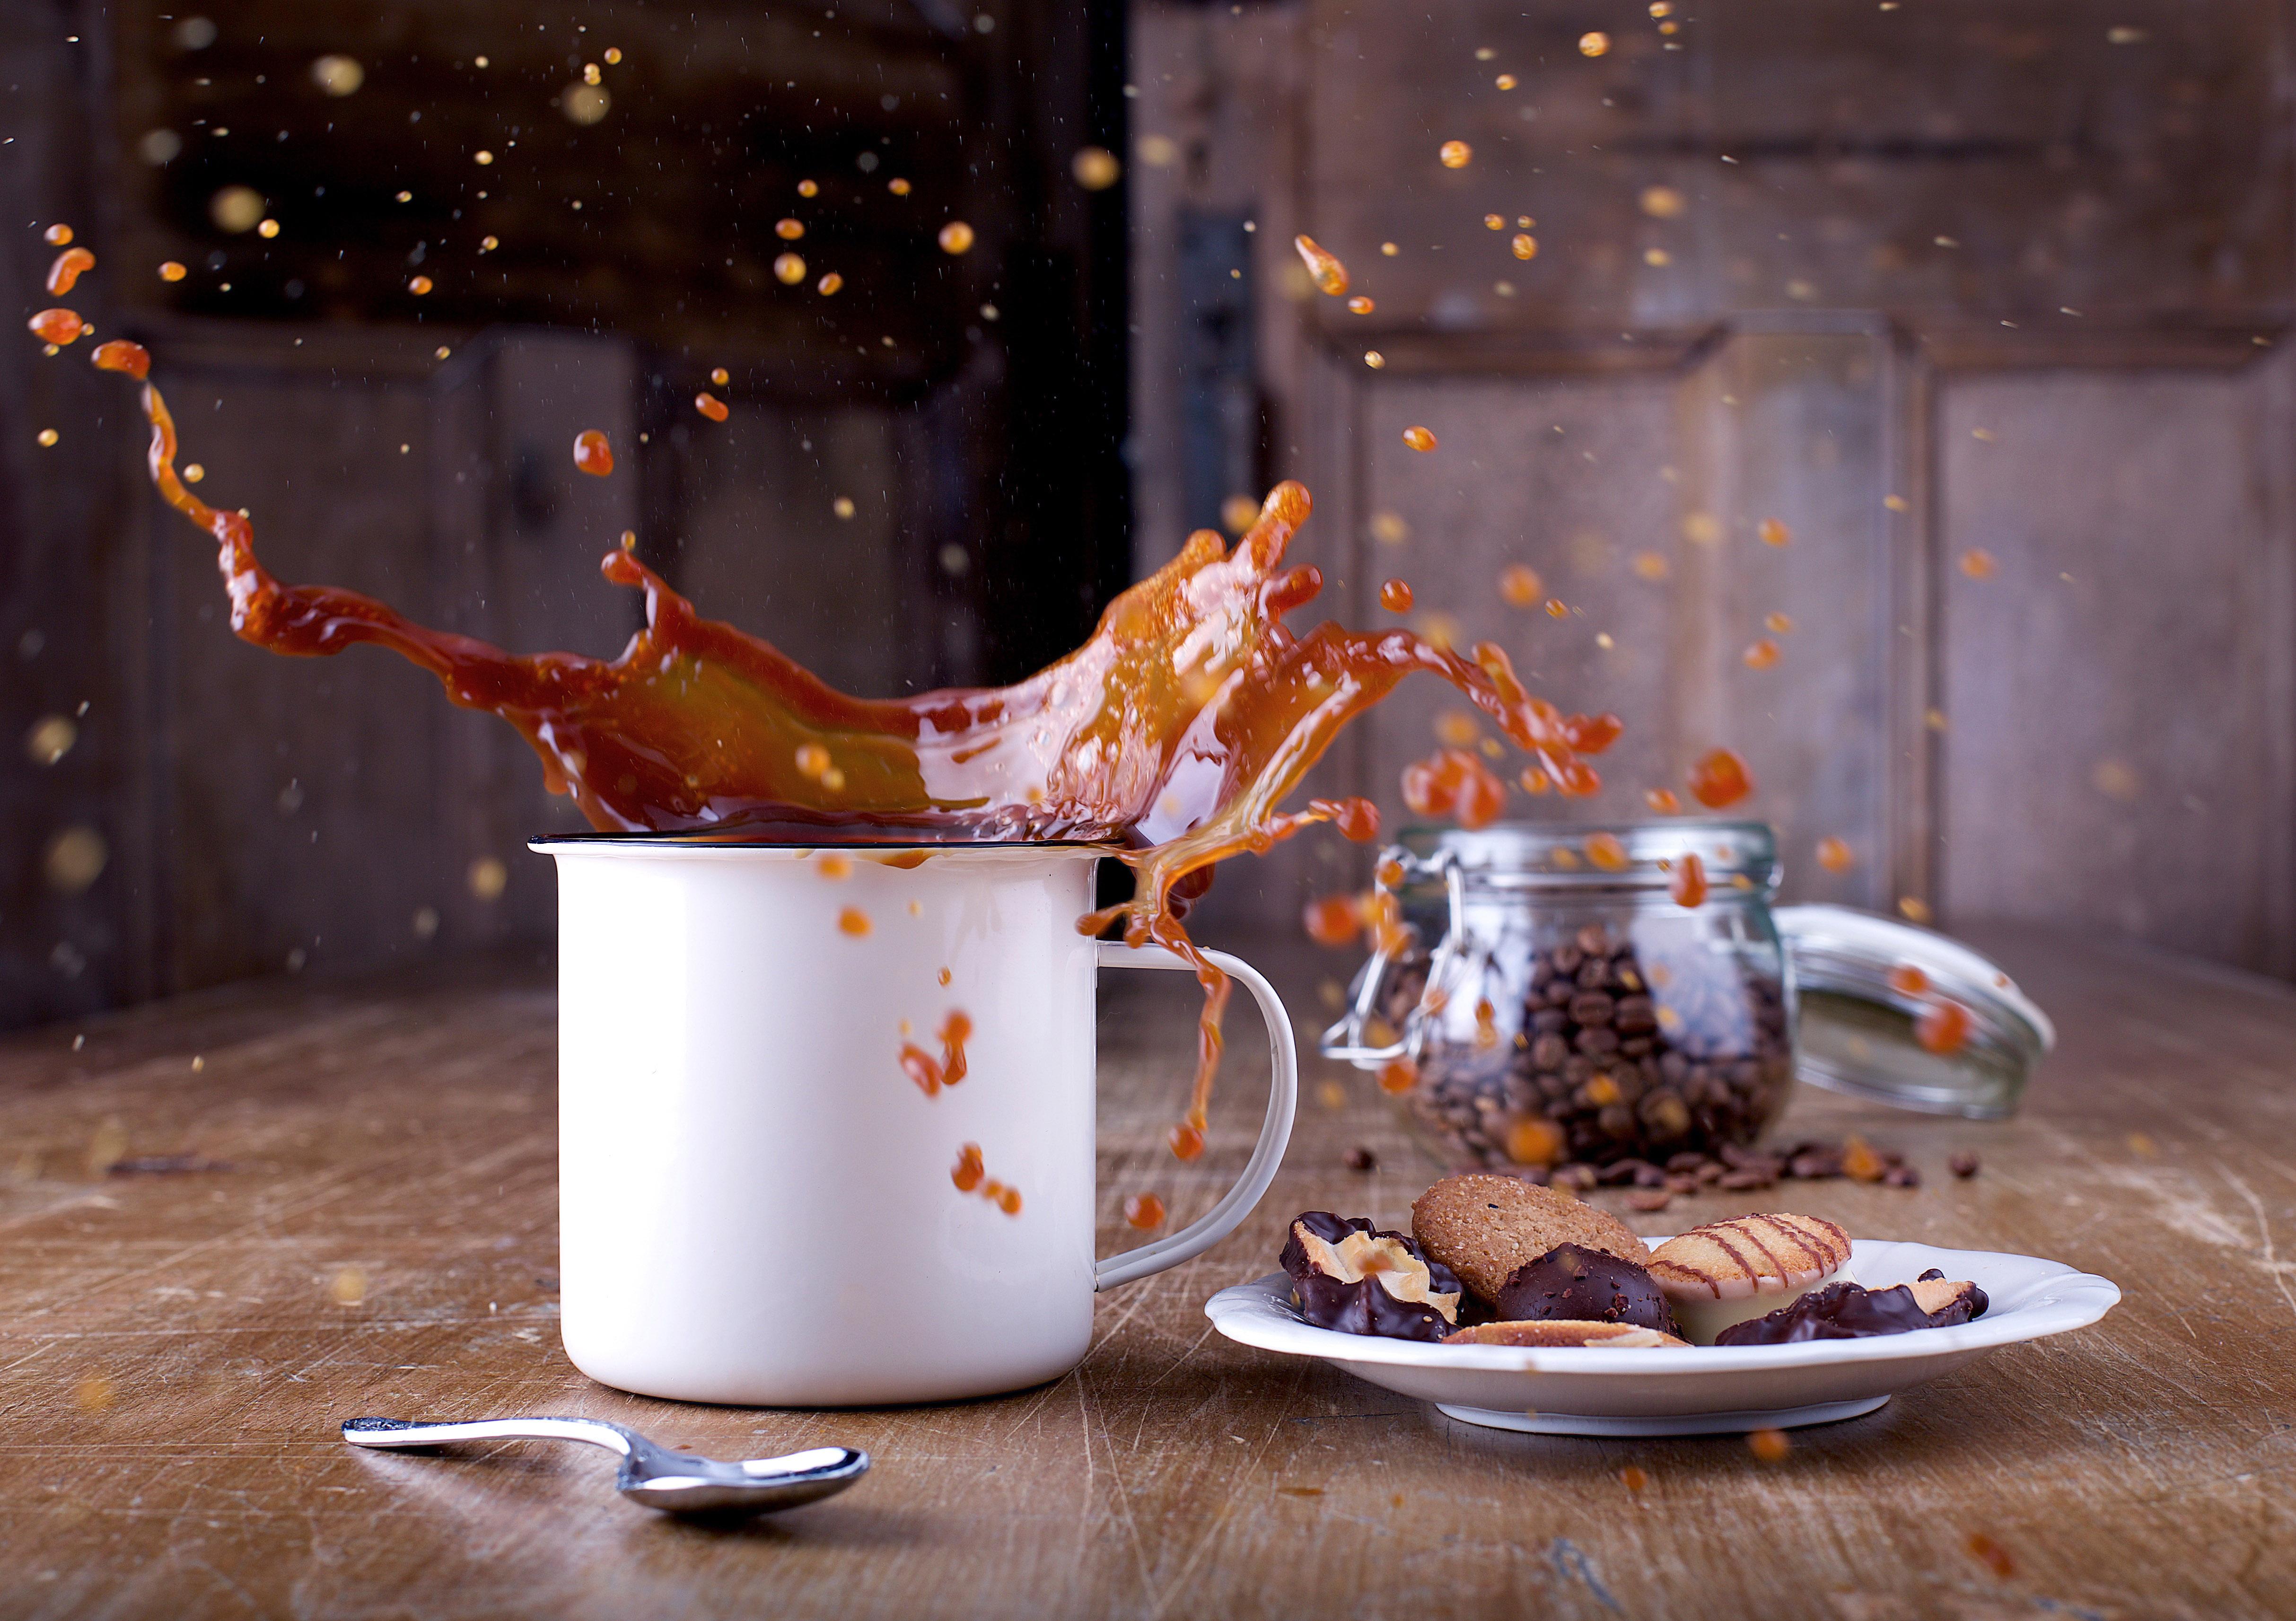 Not Toast >> Splashing Coffee image - Free stock photo - Public Domain photo - CC0 Images